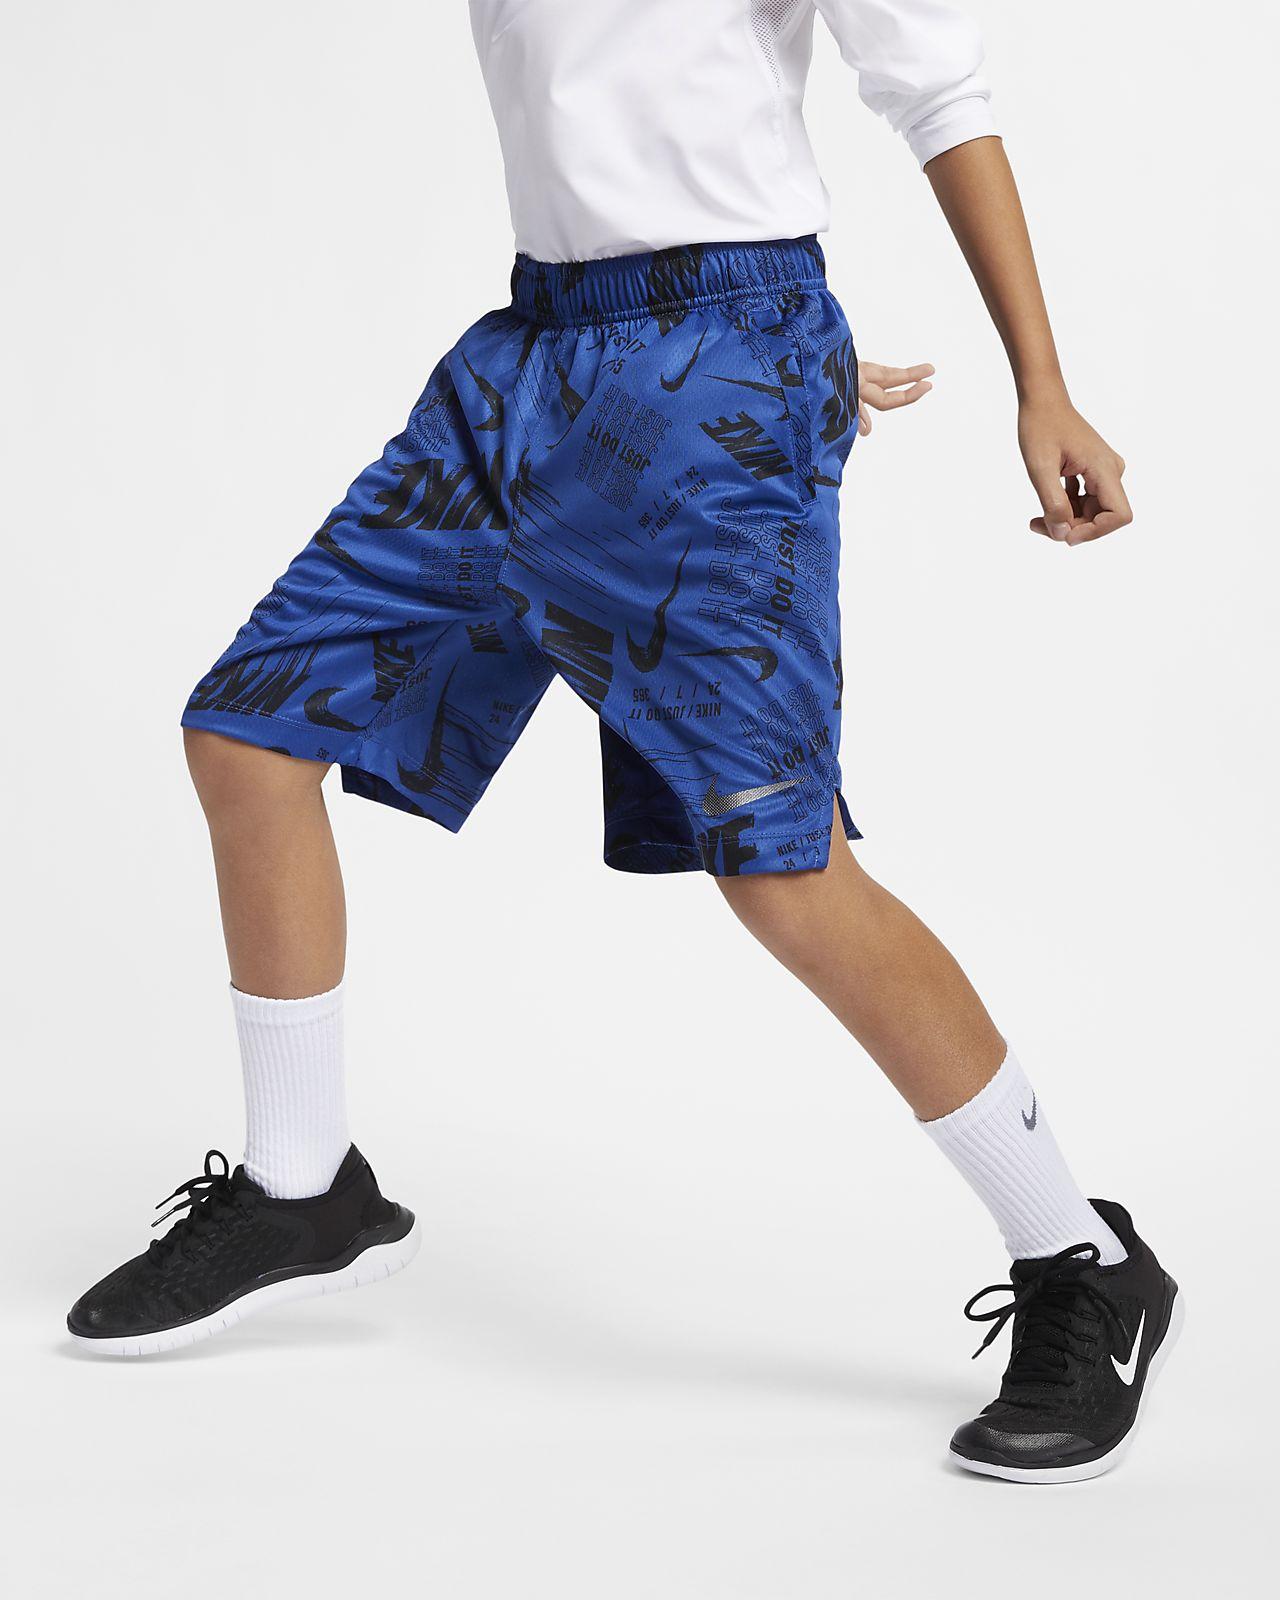 Nike Dri-FIT Big Kids' (Boys') Printed Training Shorts